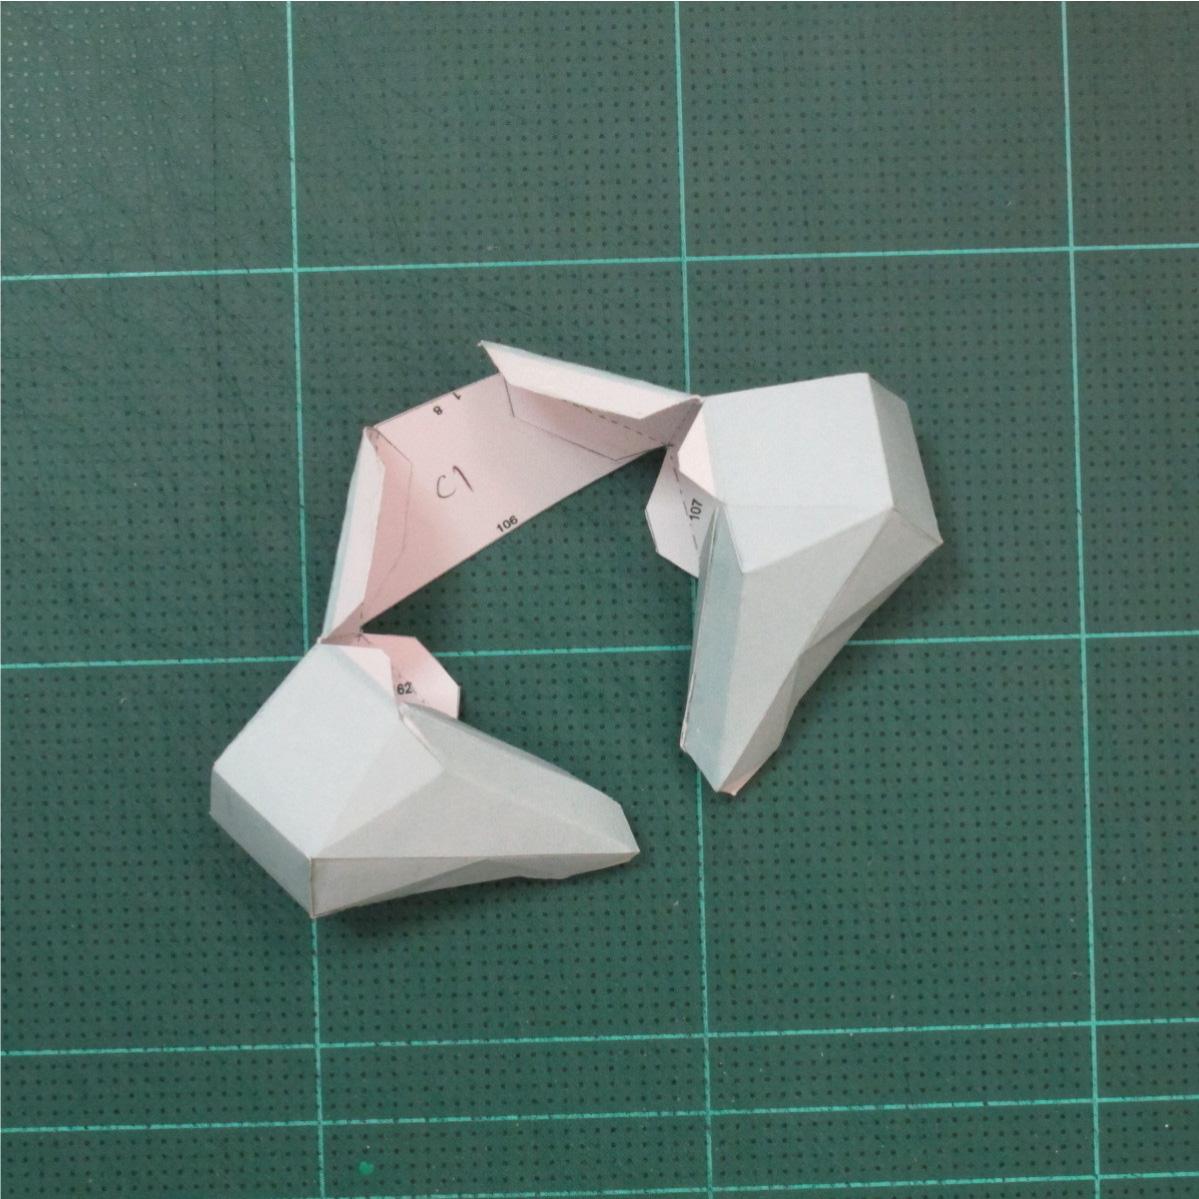 วิธีทำโมเดลกระดาษคุกกี้รันจิ้งจอกเก้าหางในร่างหมาจิ้งจอก (Cookie Run Ninetails Fox Form Papercraft Model) 015